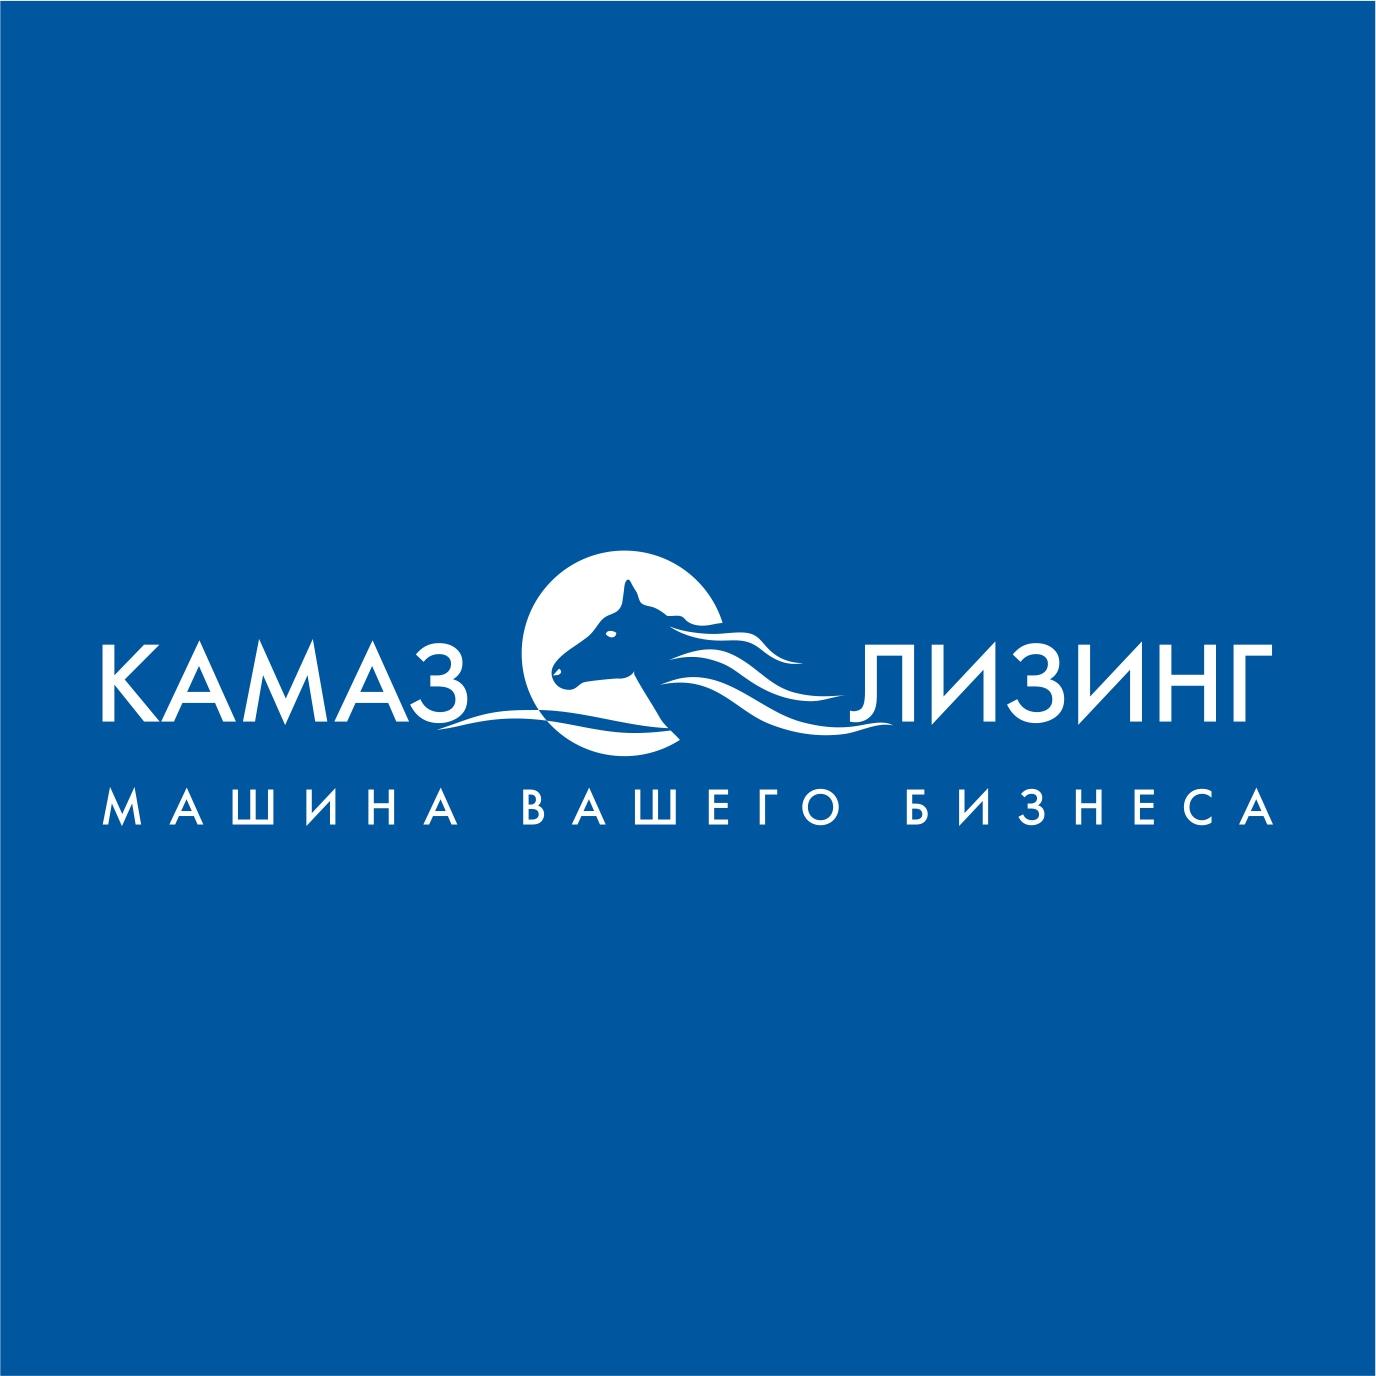 https://kamaz.ru/upload/iblock/747/747b820726158874747f77a257516f9a.jpg